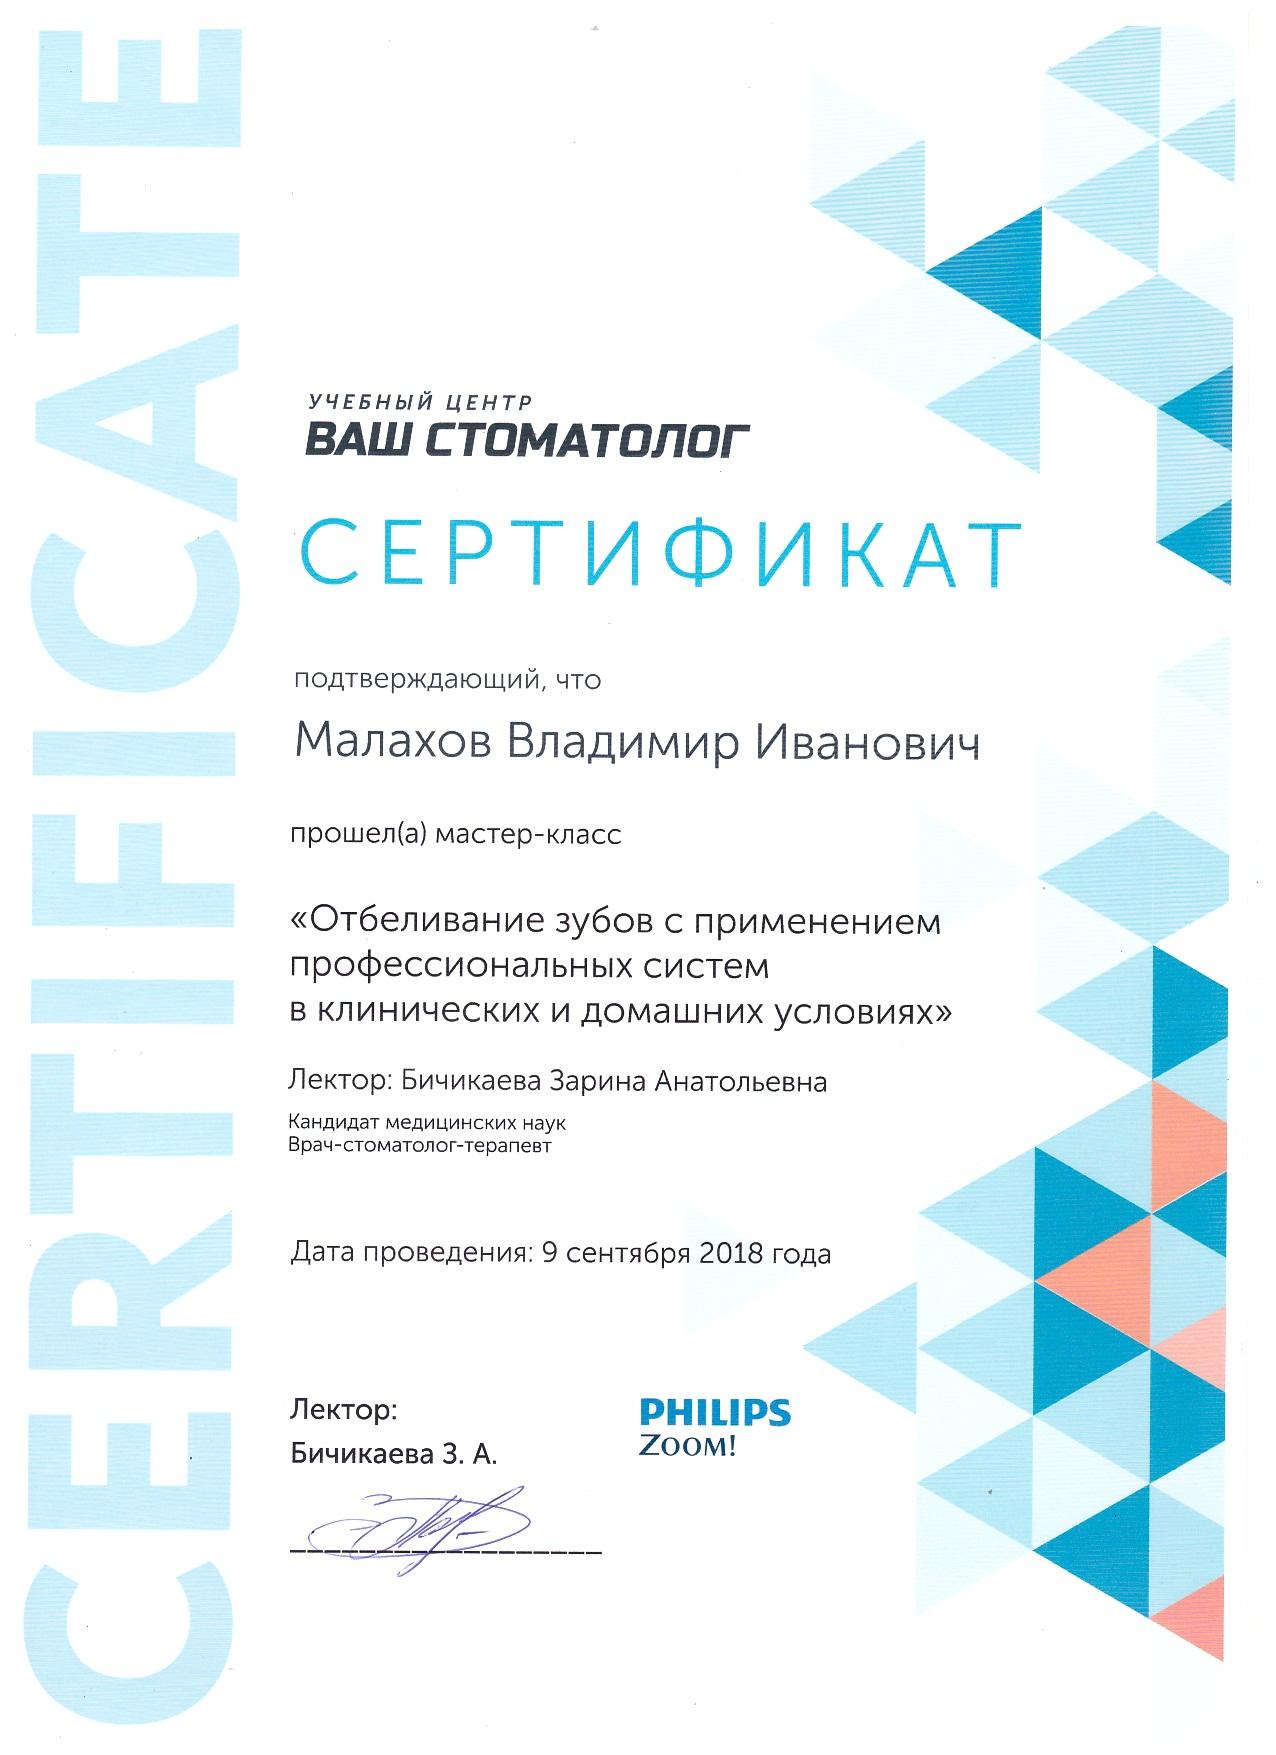 Сертификат от 09.09.2018г